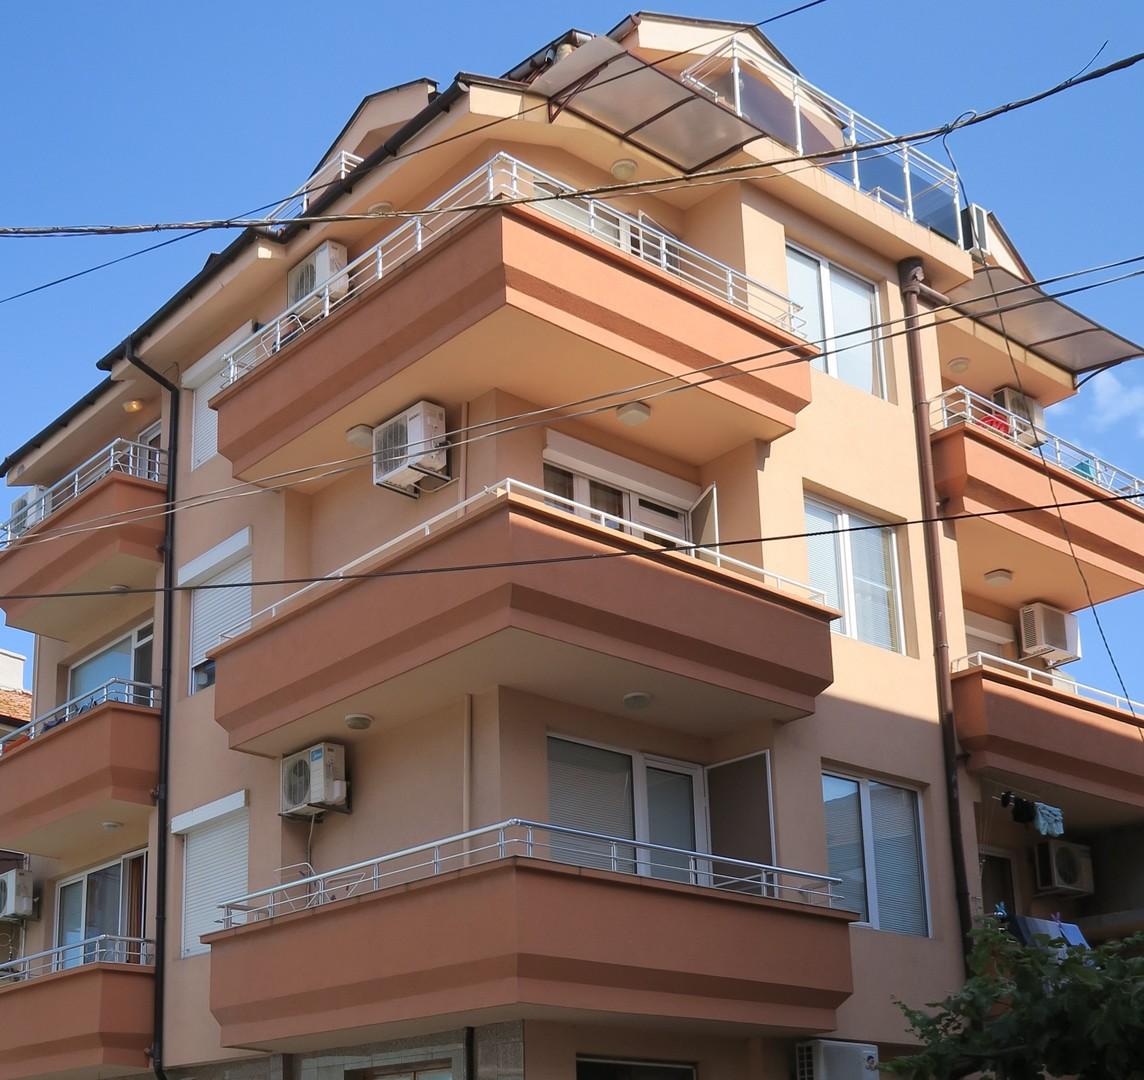 Penzion Černo More